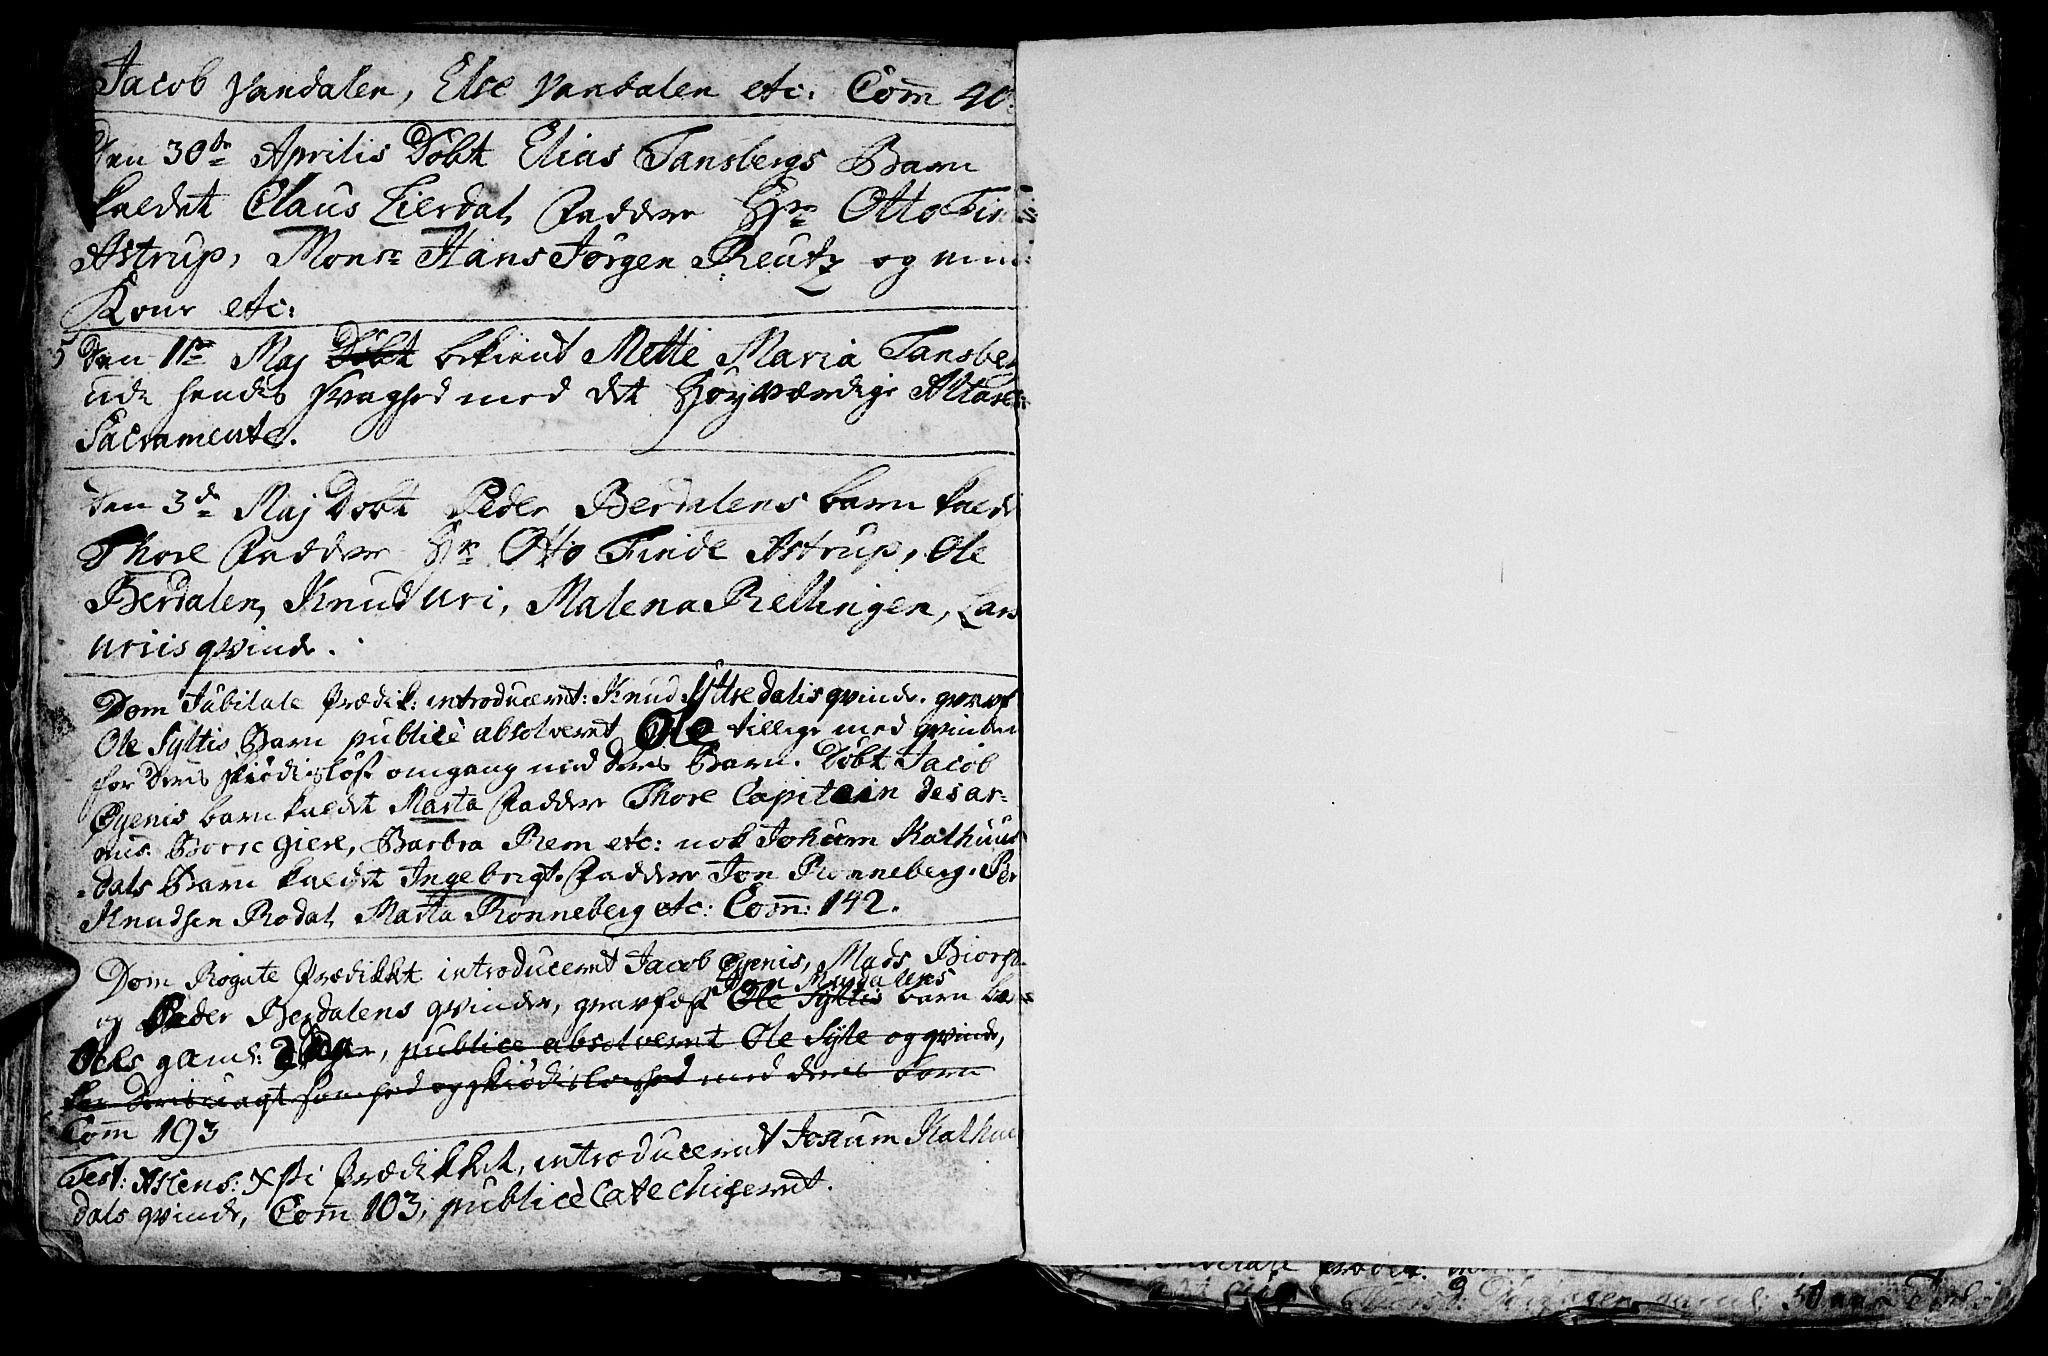 SAT, Ministerialprotokoller, klokkerbøker og fødselsregistre - Møre og Romsdal, 519/L0240: Ministerialbok nr. 519A01 /1, 1736-1760, s. 89b